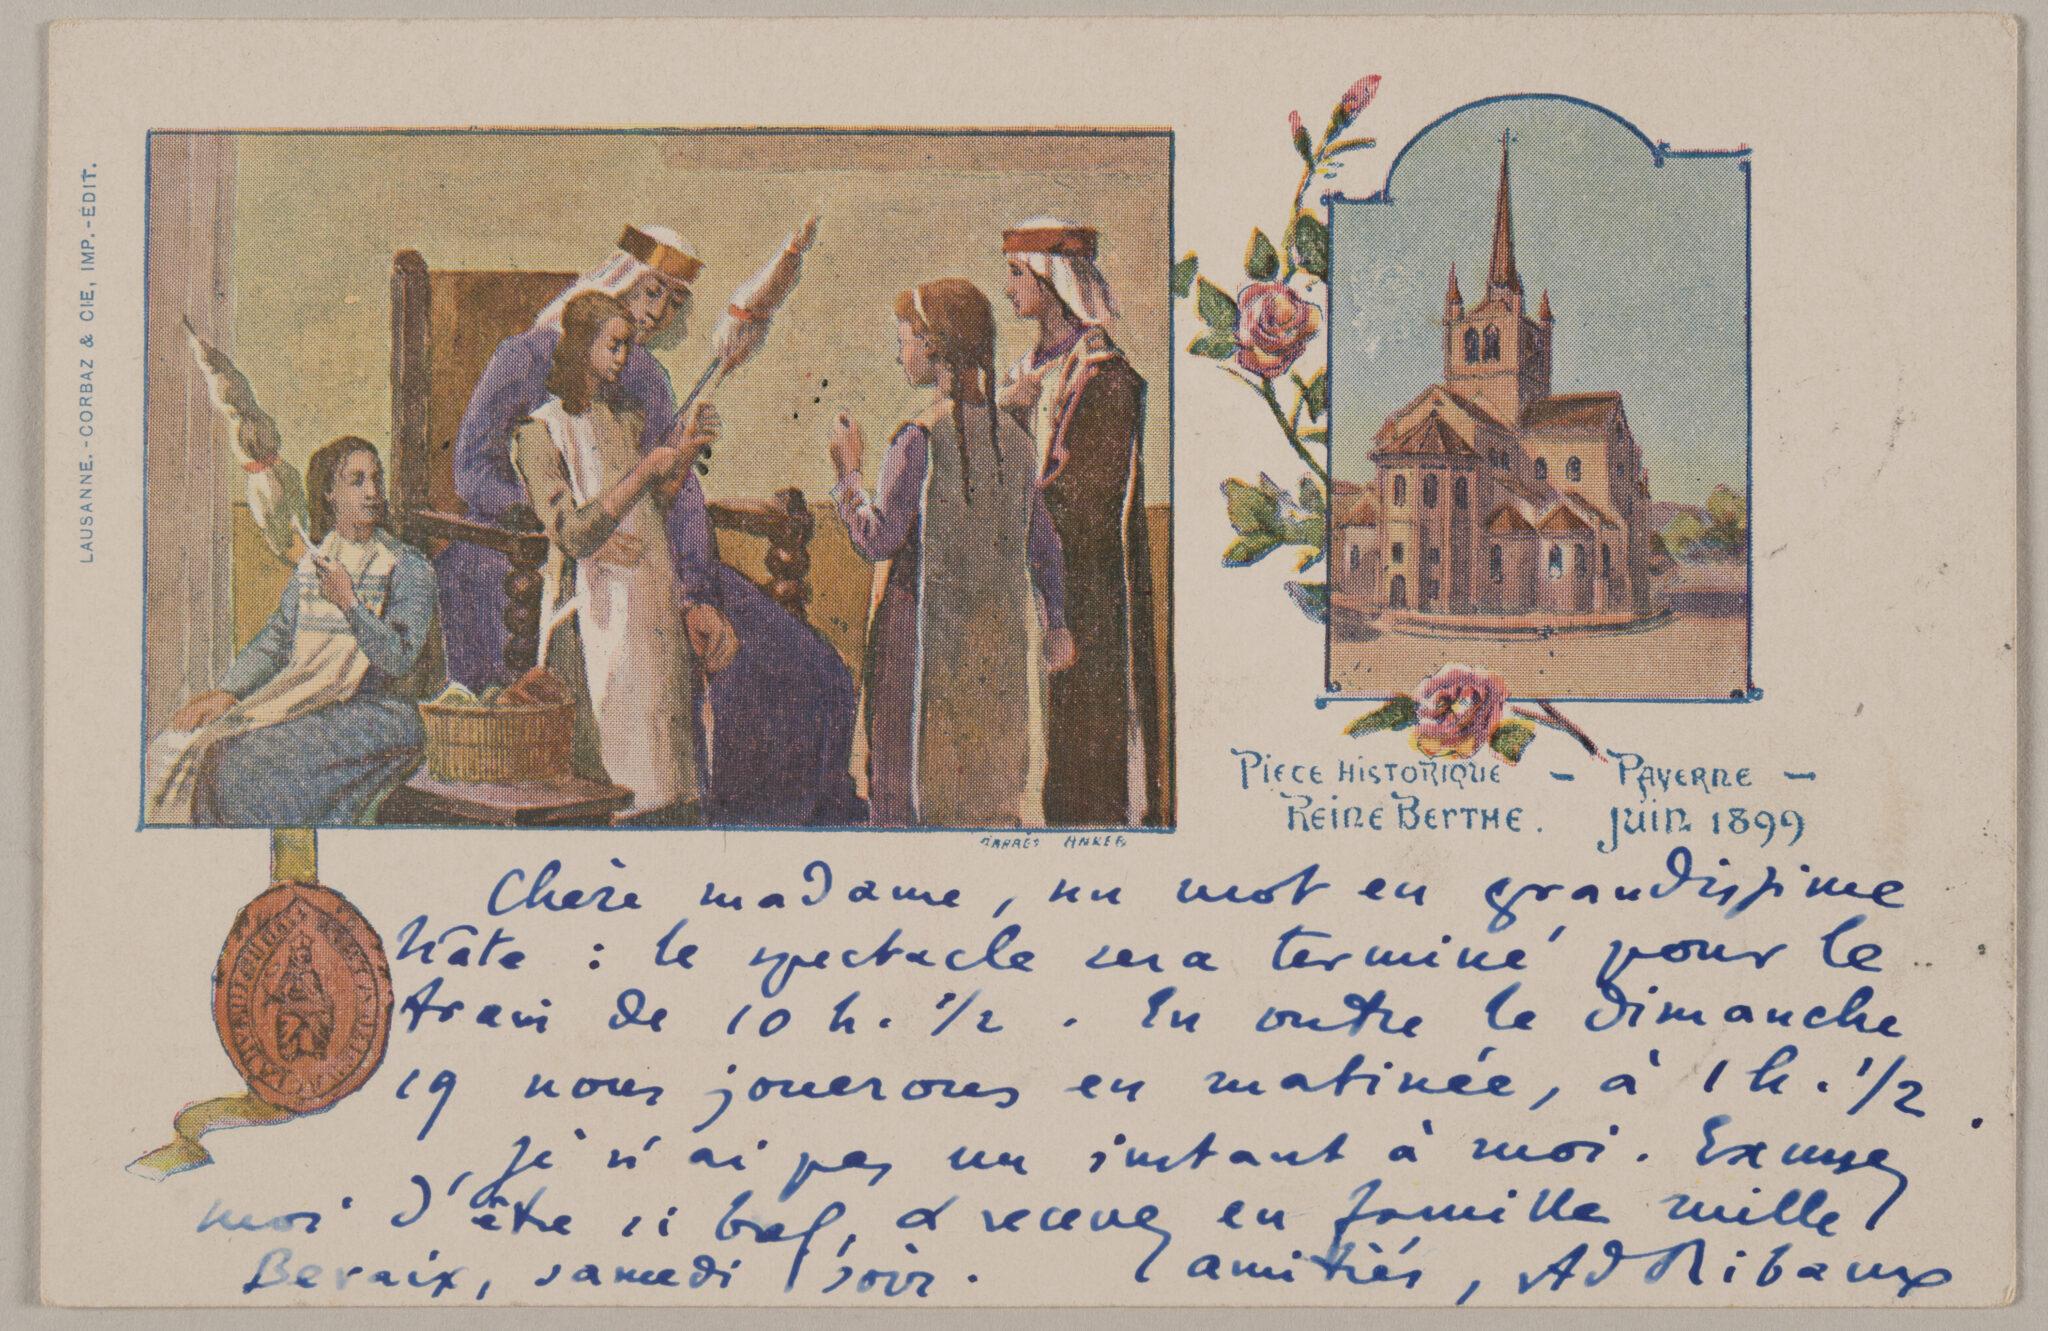 Postkarte zu einer Theateraufführung: «Pièce historique - Payerne - Reine Berthe», 1899.